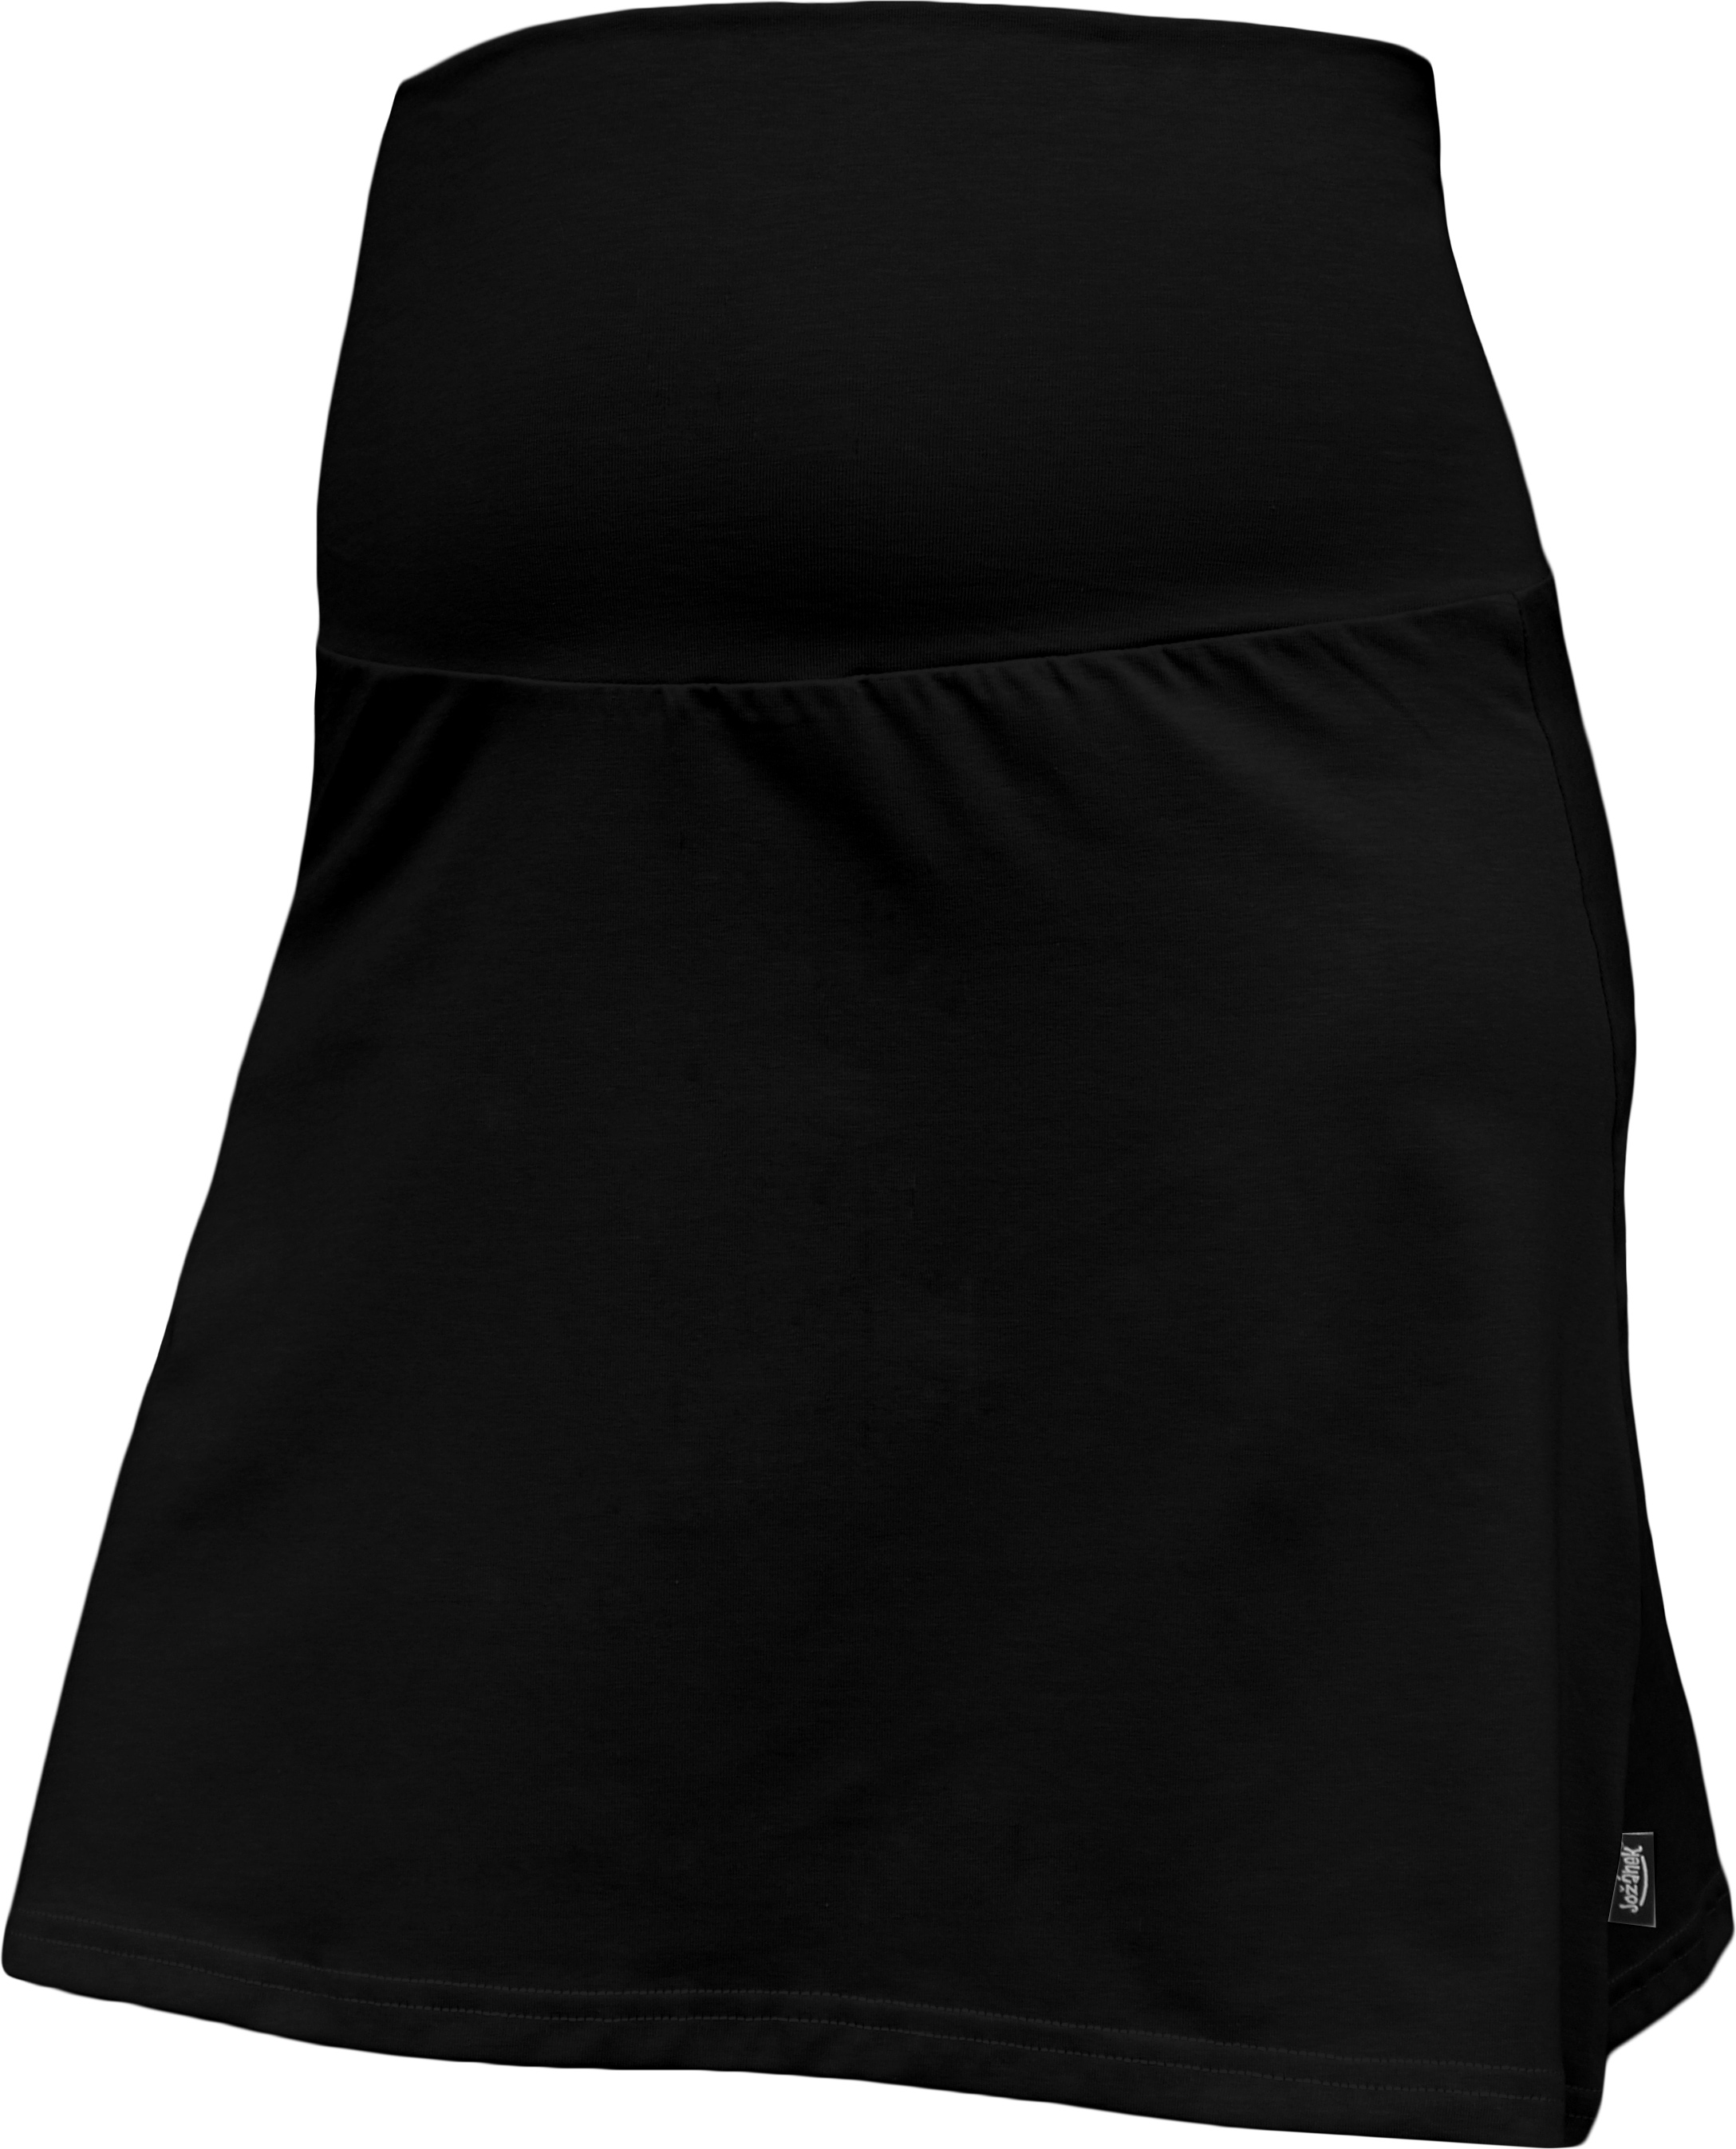 Těhotenská sukně jolana, černá m/l